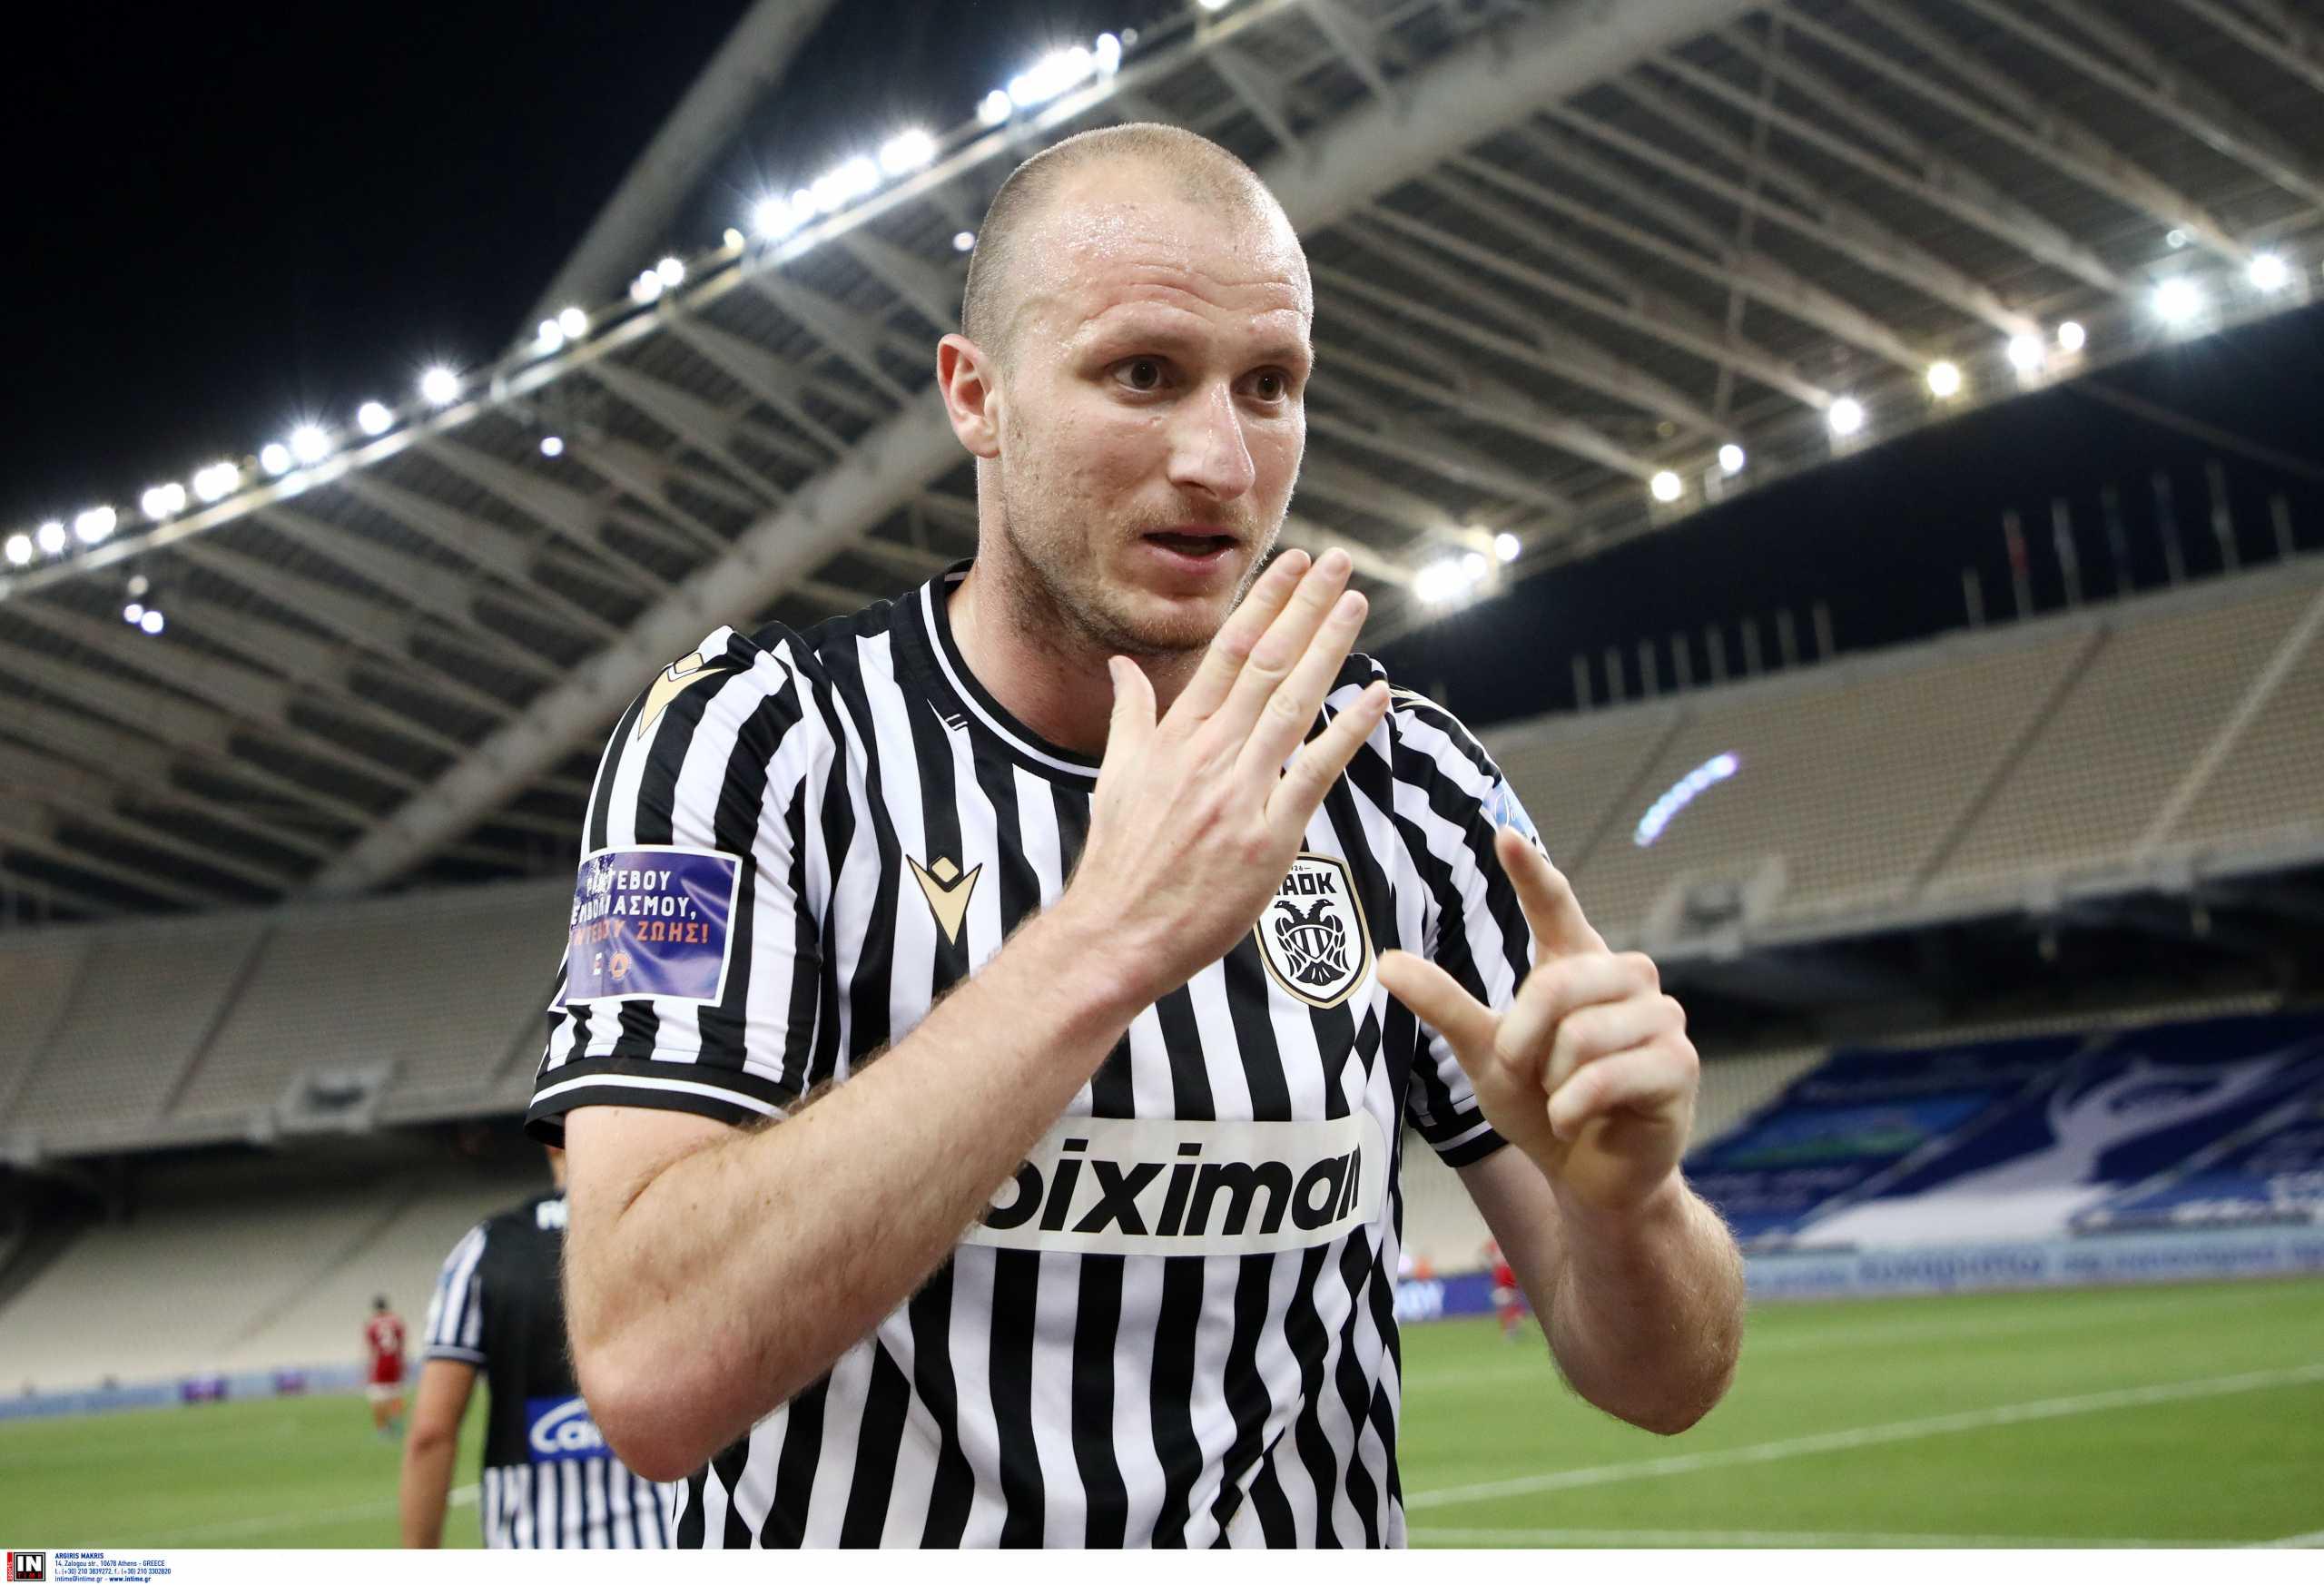 ΠΑΟΚ – MVP ο Κρμέντσικ: «Είχα πει ότι θα φέρω το Κύπελλο στη Θεσσαλονίκη»